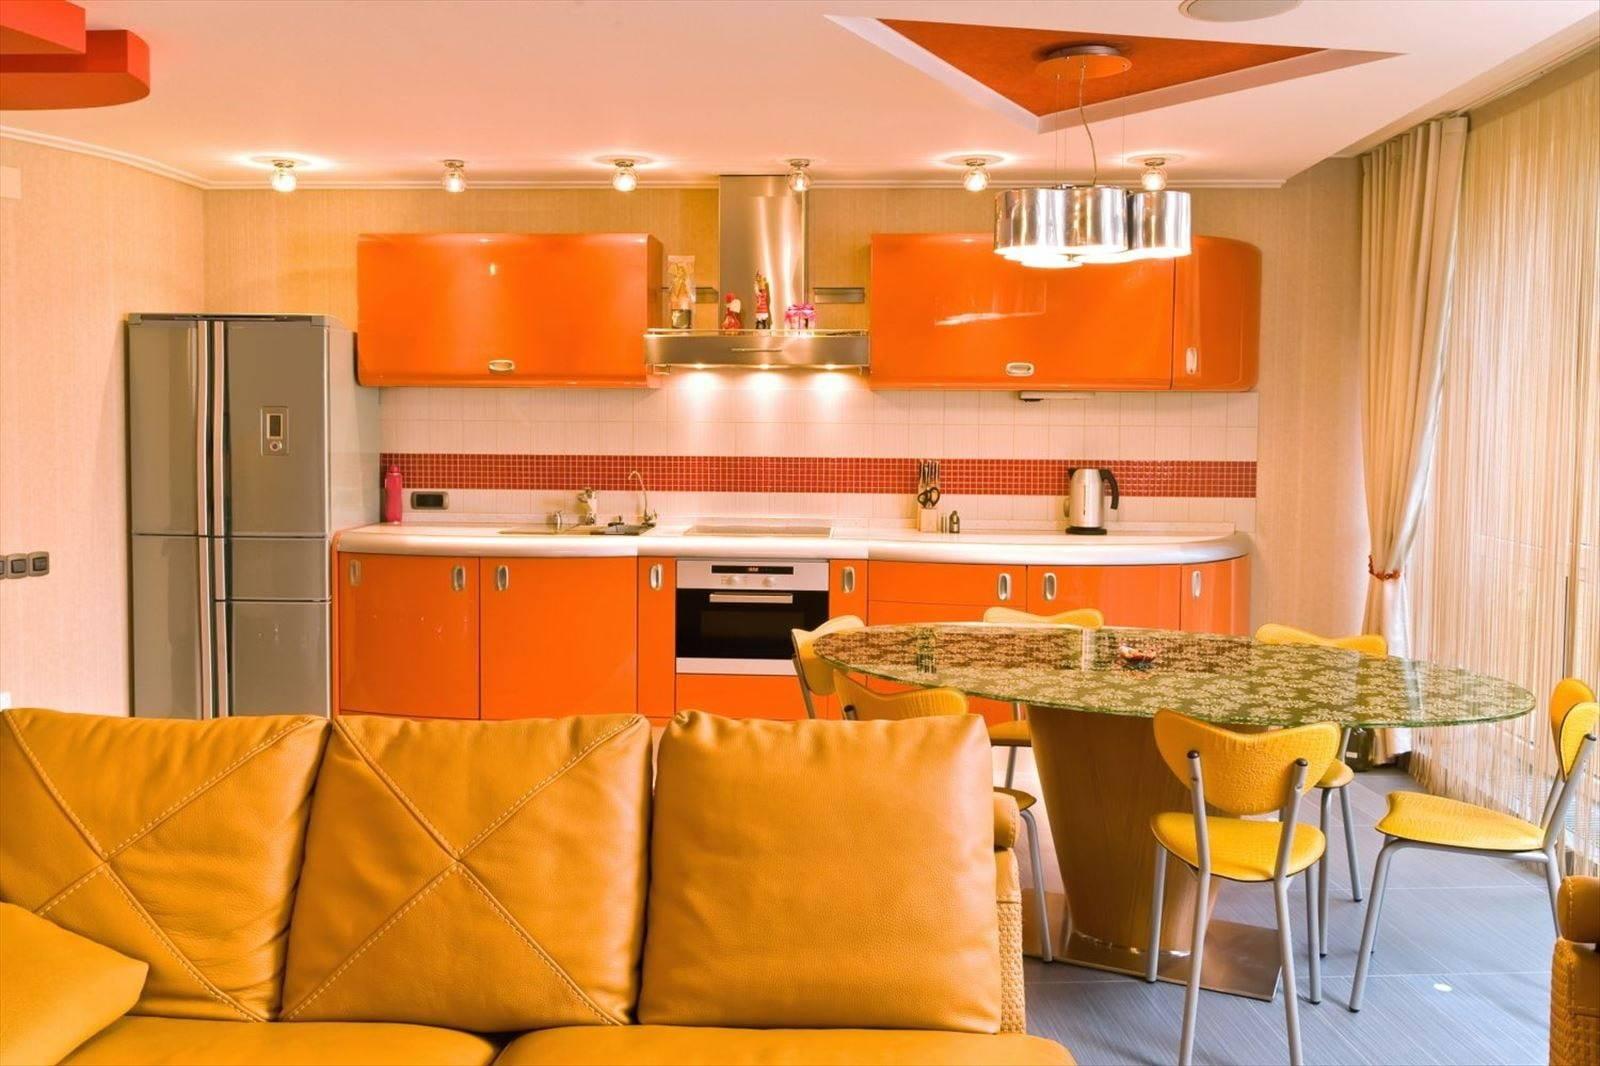 Оранжевая кухня в интерьере: сочетание с гарнитуром и обоями других цветов, фото